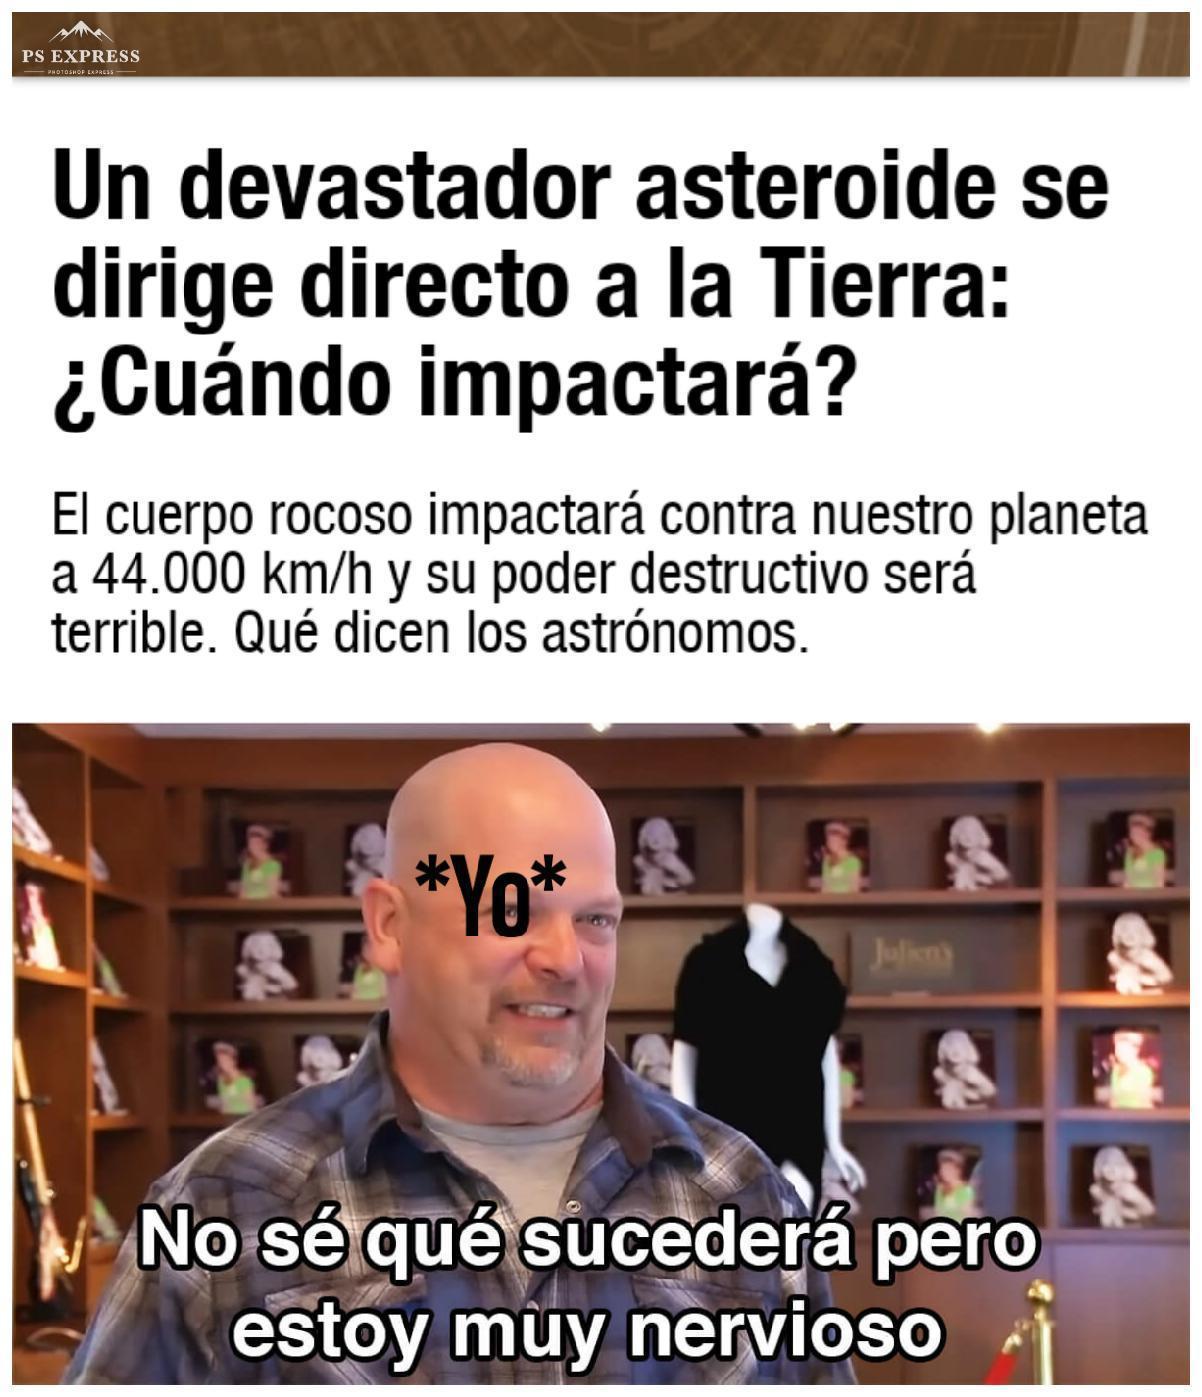 Los astronomos dicen que en caso de impactar sera el 9 de septiembre - meme